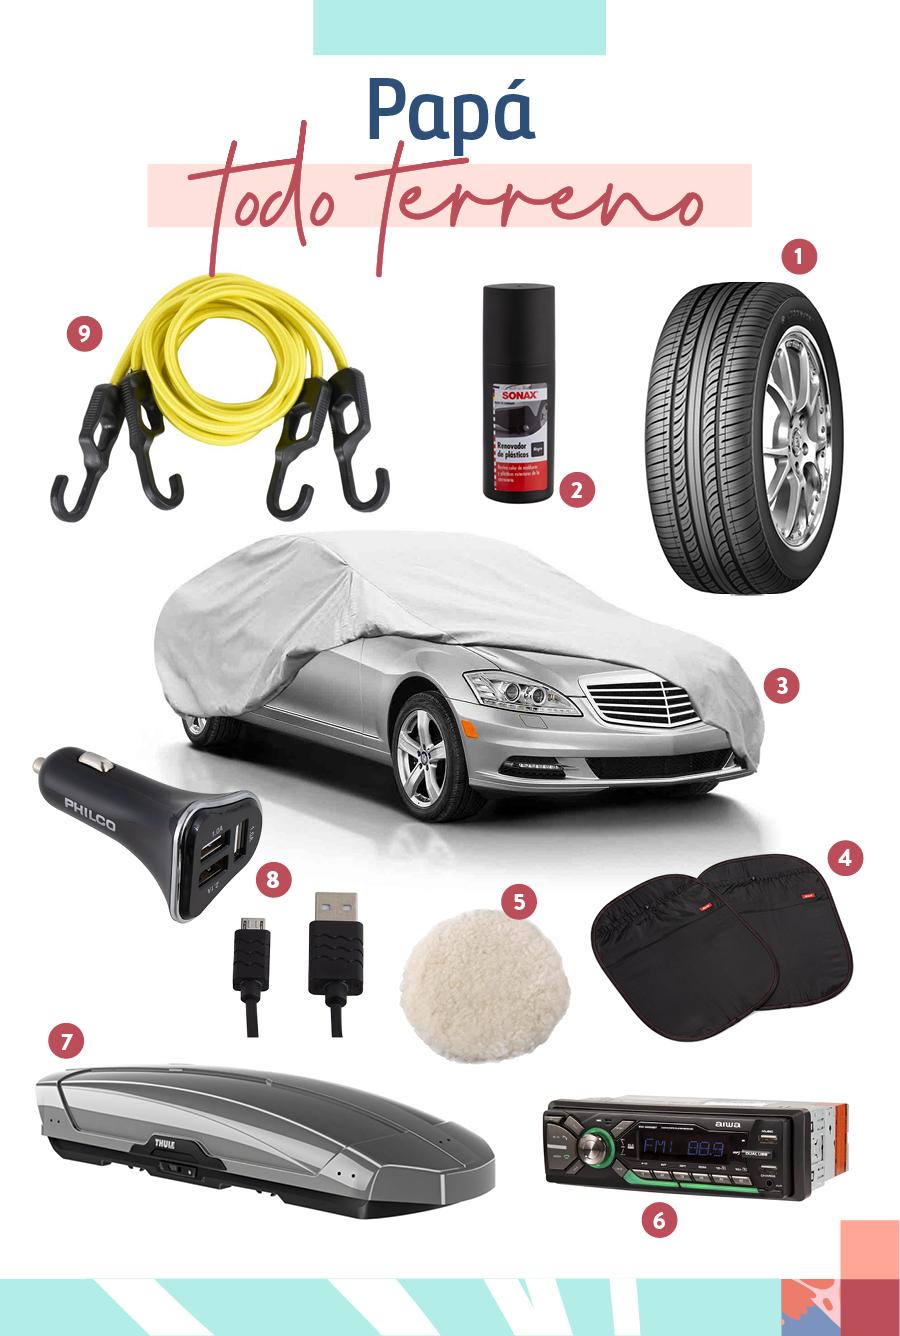 """Selección de regalos para """"Papá todo terreno"""": 1-Neumático / 2-Renovador de plástico / 3-Funda para auto XL / 4-Protectores de respaldo / 5-Funda pulidora / 6-Radio mp3 / 7-Thule motion titan / 8-Kit cargador rápido auto / 9-Set de pulpos amarillo"""